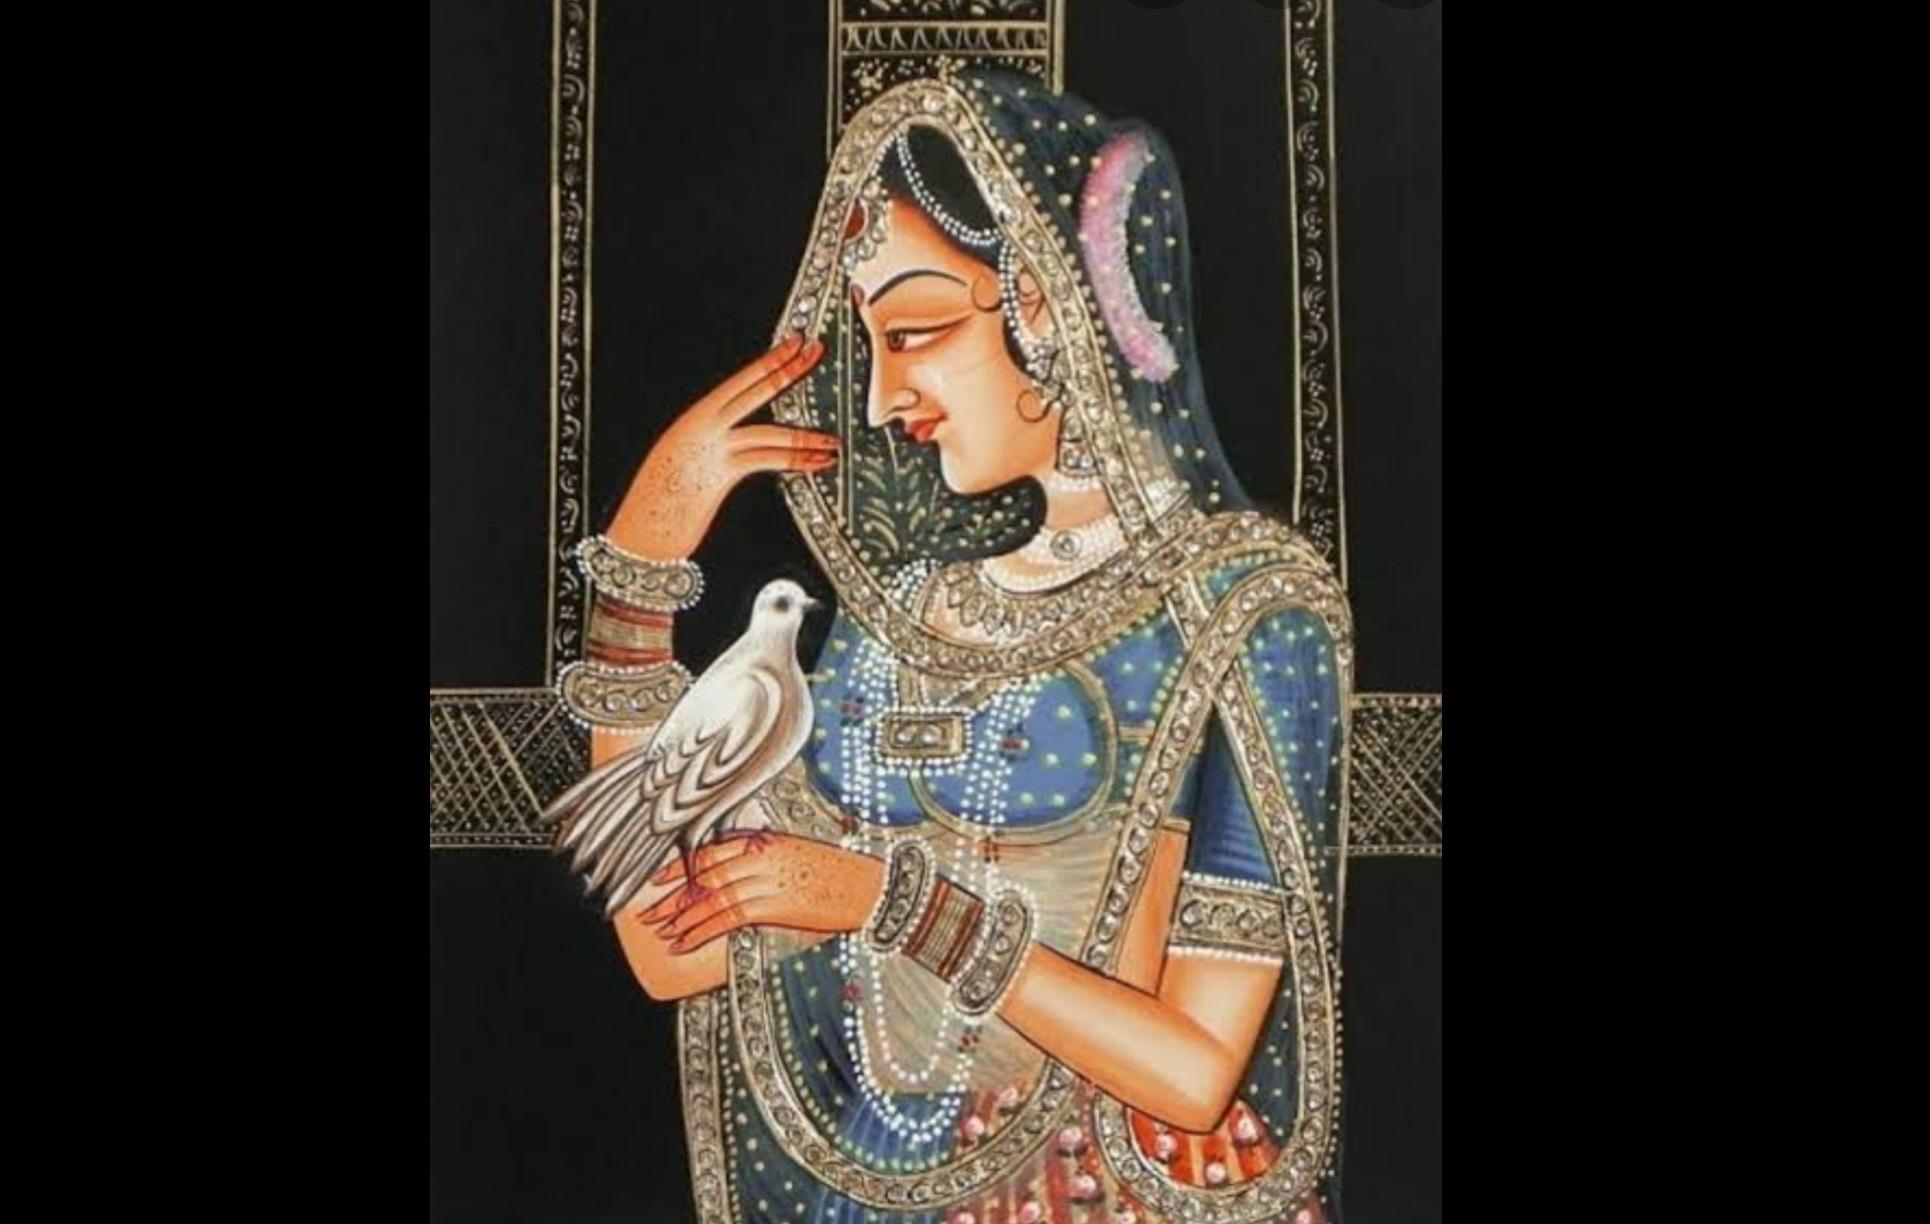 उदयपुर की राजकुमारी कृष्णा: जिसके लिये तनी थीं तलवारें